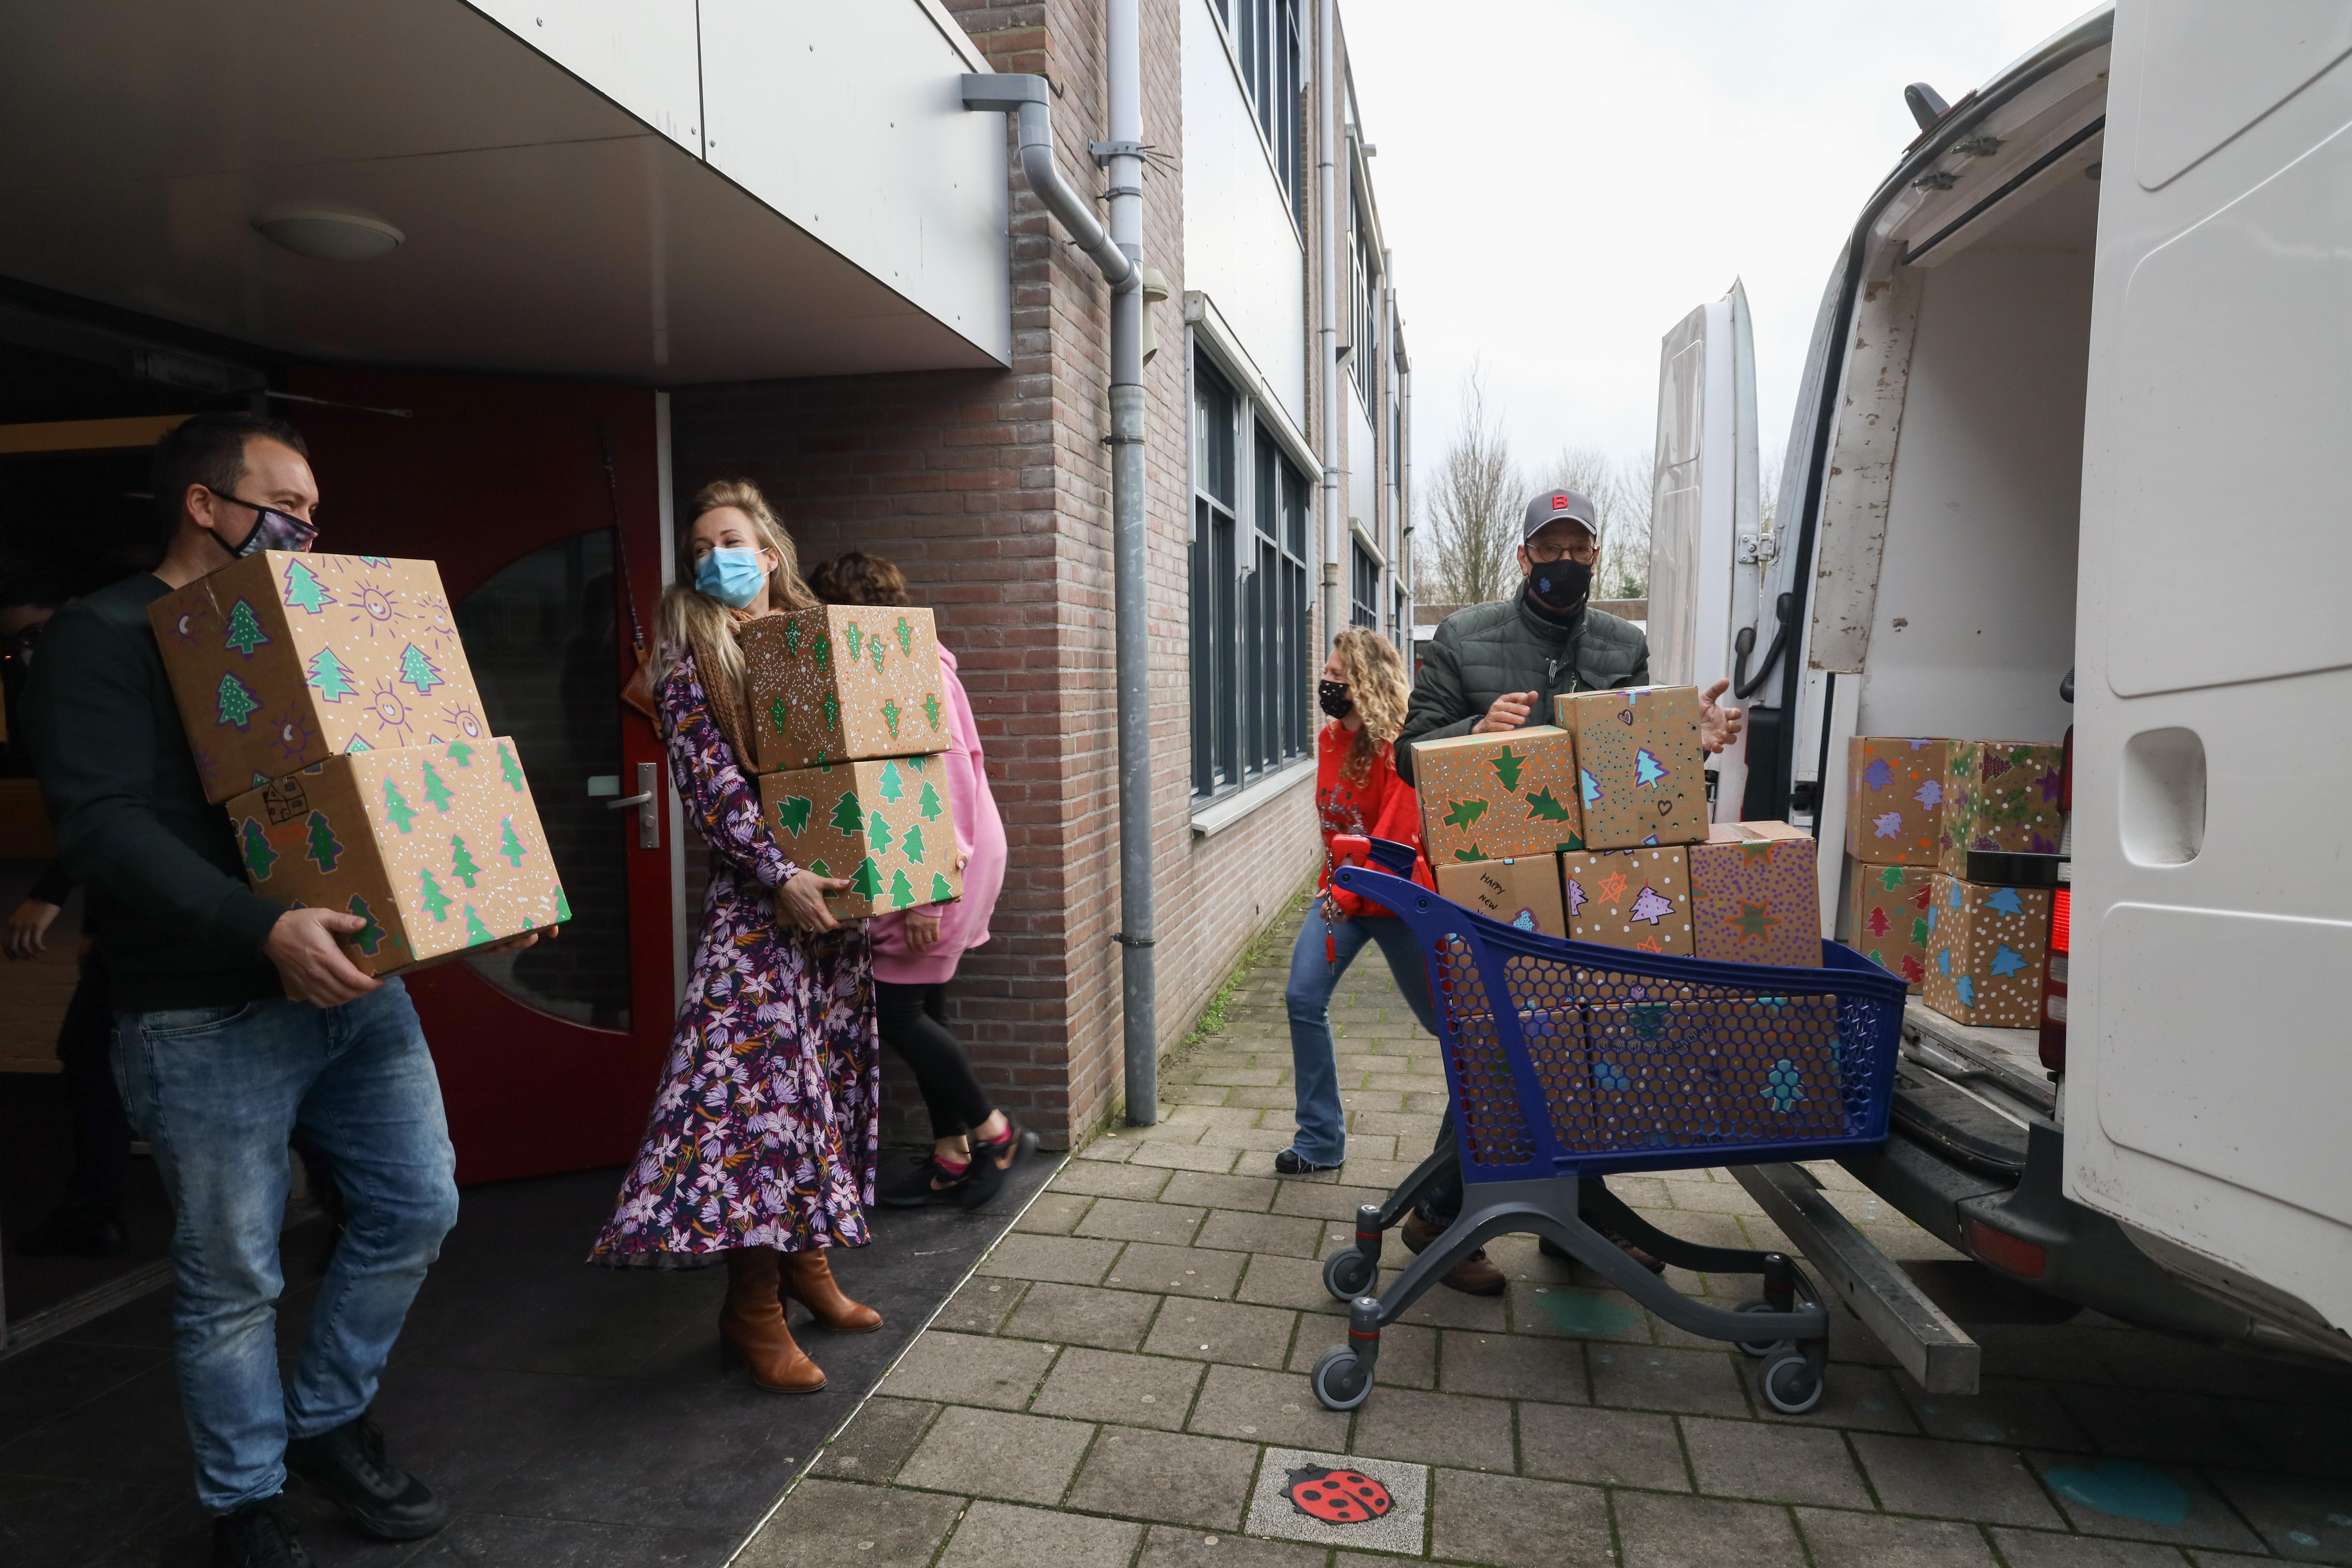 Groeiend aantal gezinnen bij voedselbank West-Friesland. 'Kerstpakketten zijn meer dan welkom'